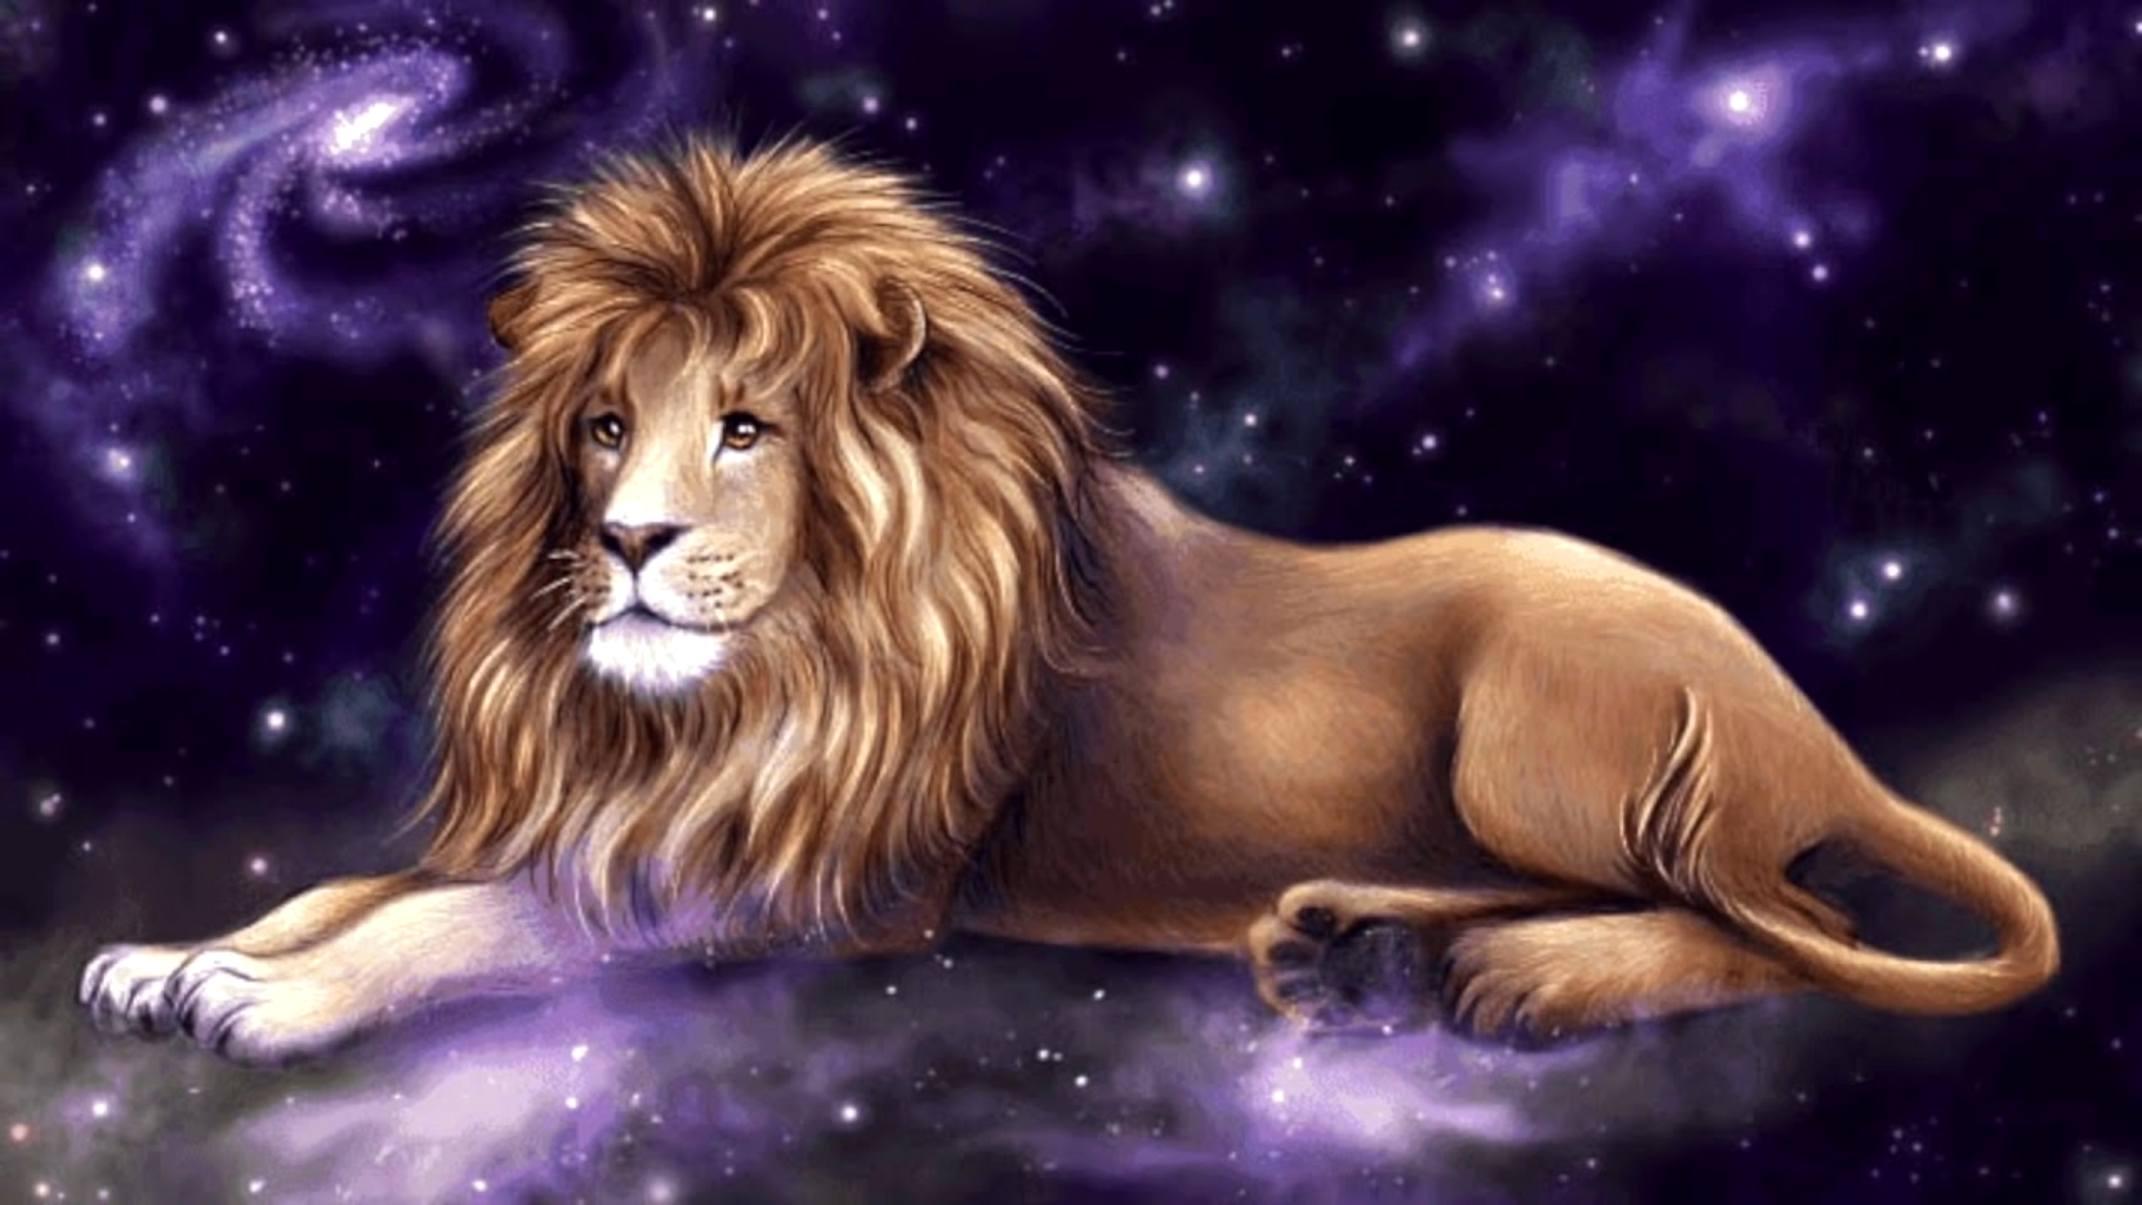 картинки на тему знак зодиака лев мушу